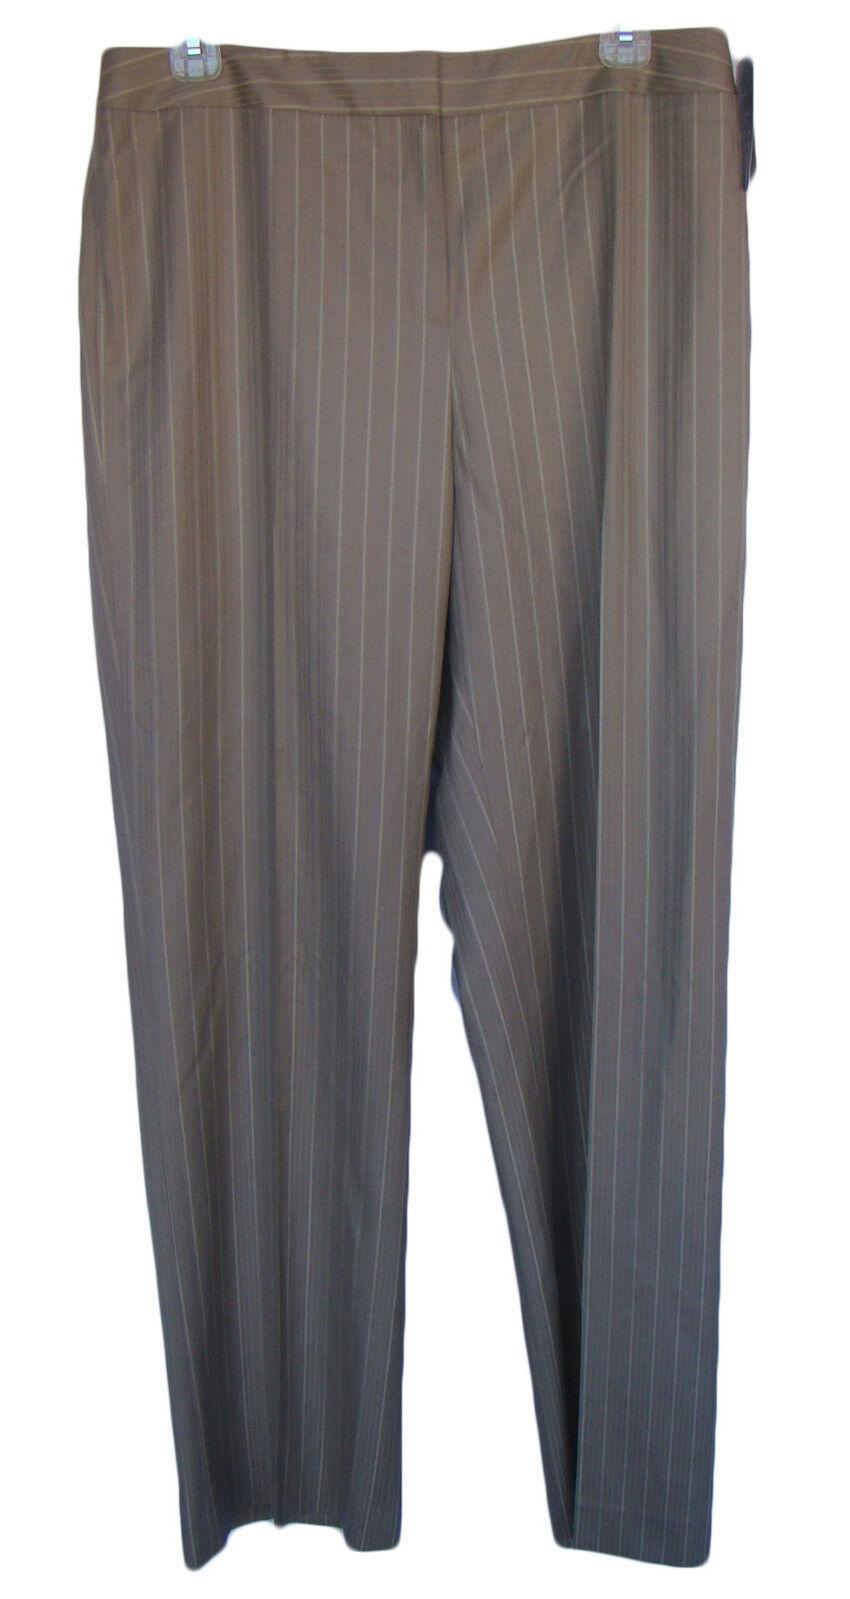 LAFAYETTE 148 NEW YORK Size 10 Beige Pinstripe Menswear Pants NWT  278 Wool Silk